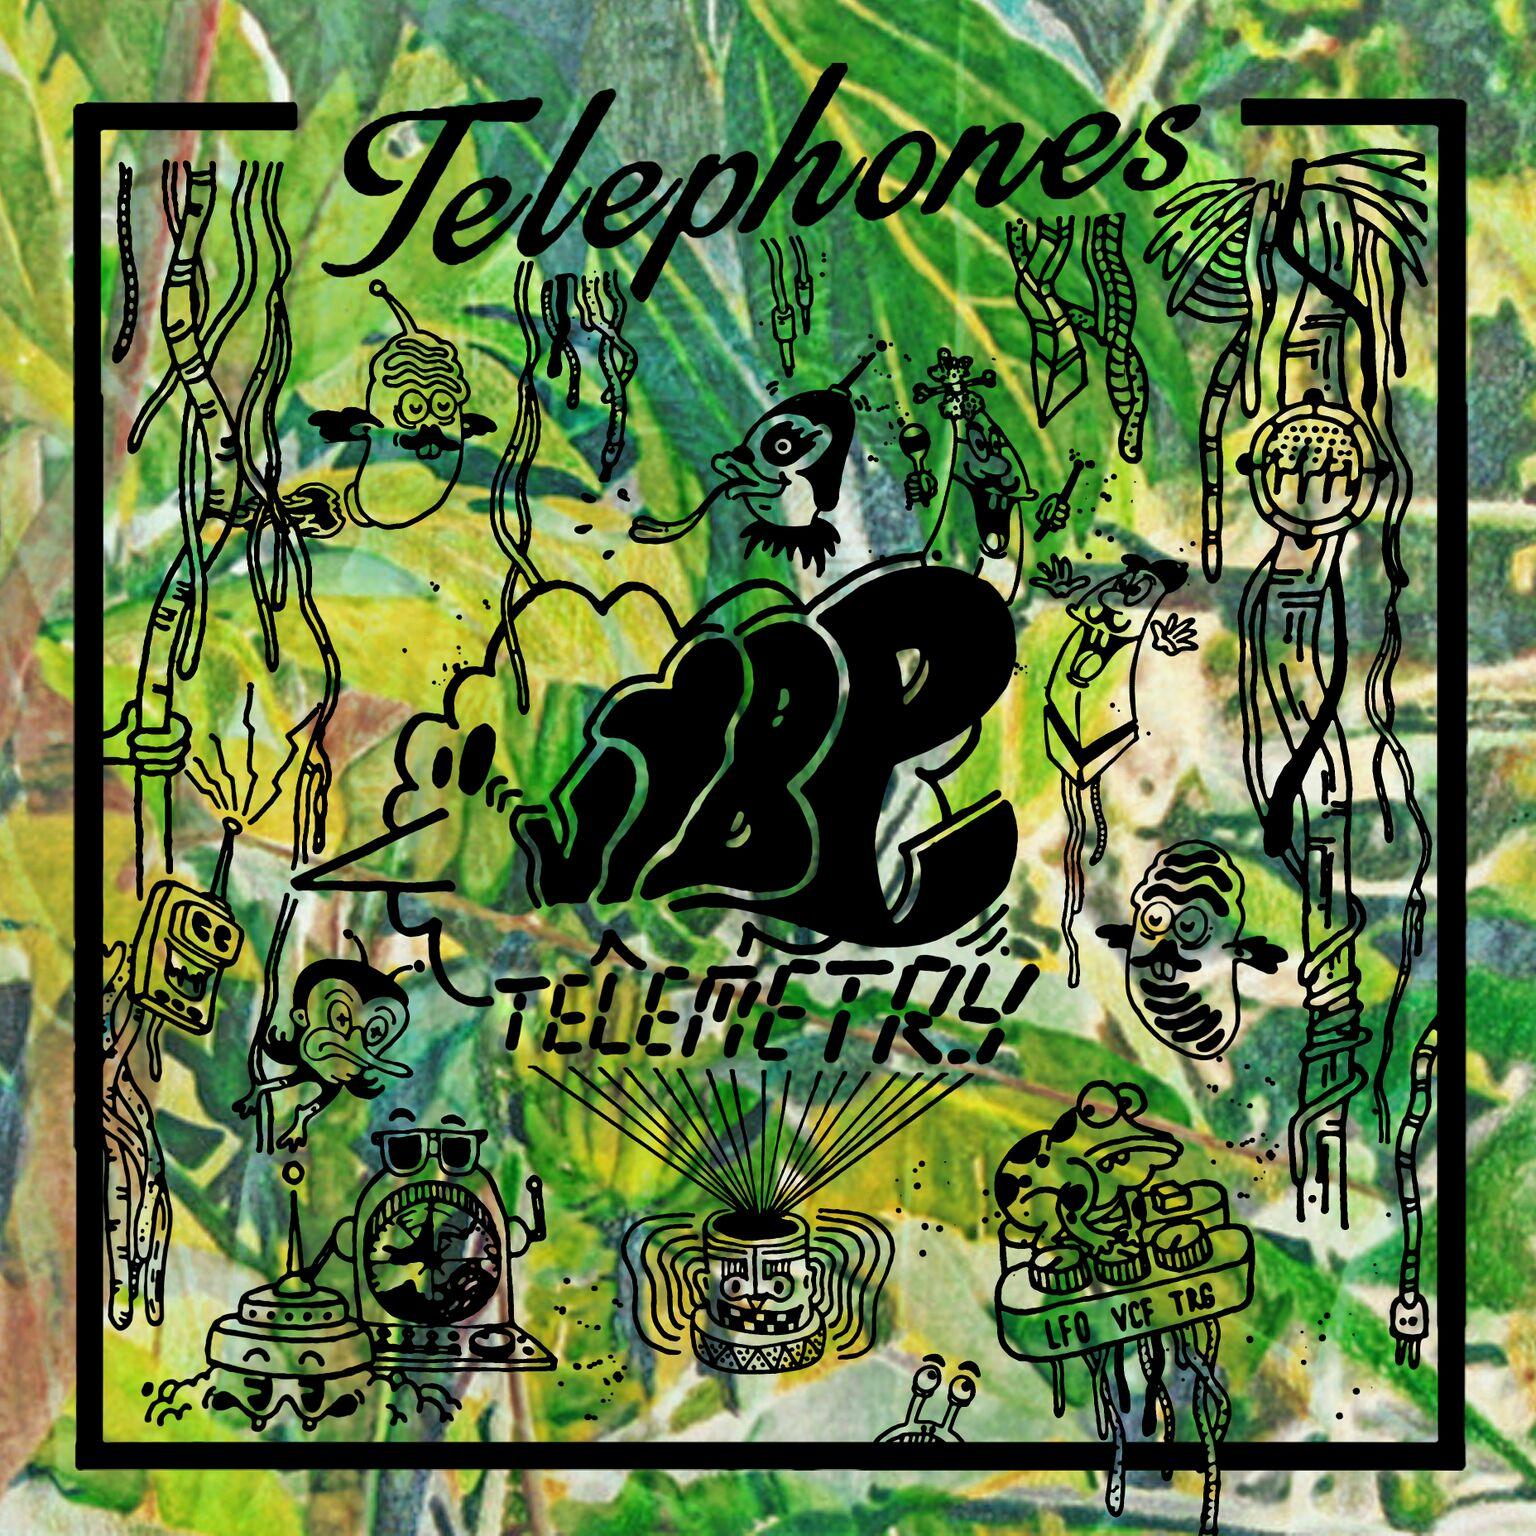 telephones-vibe-telemetry-110816